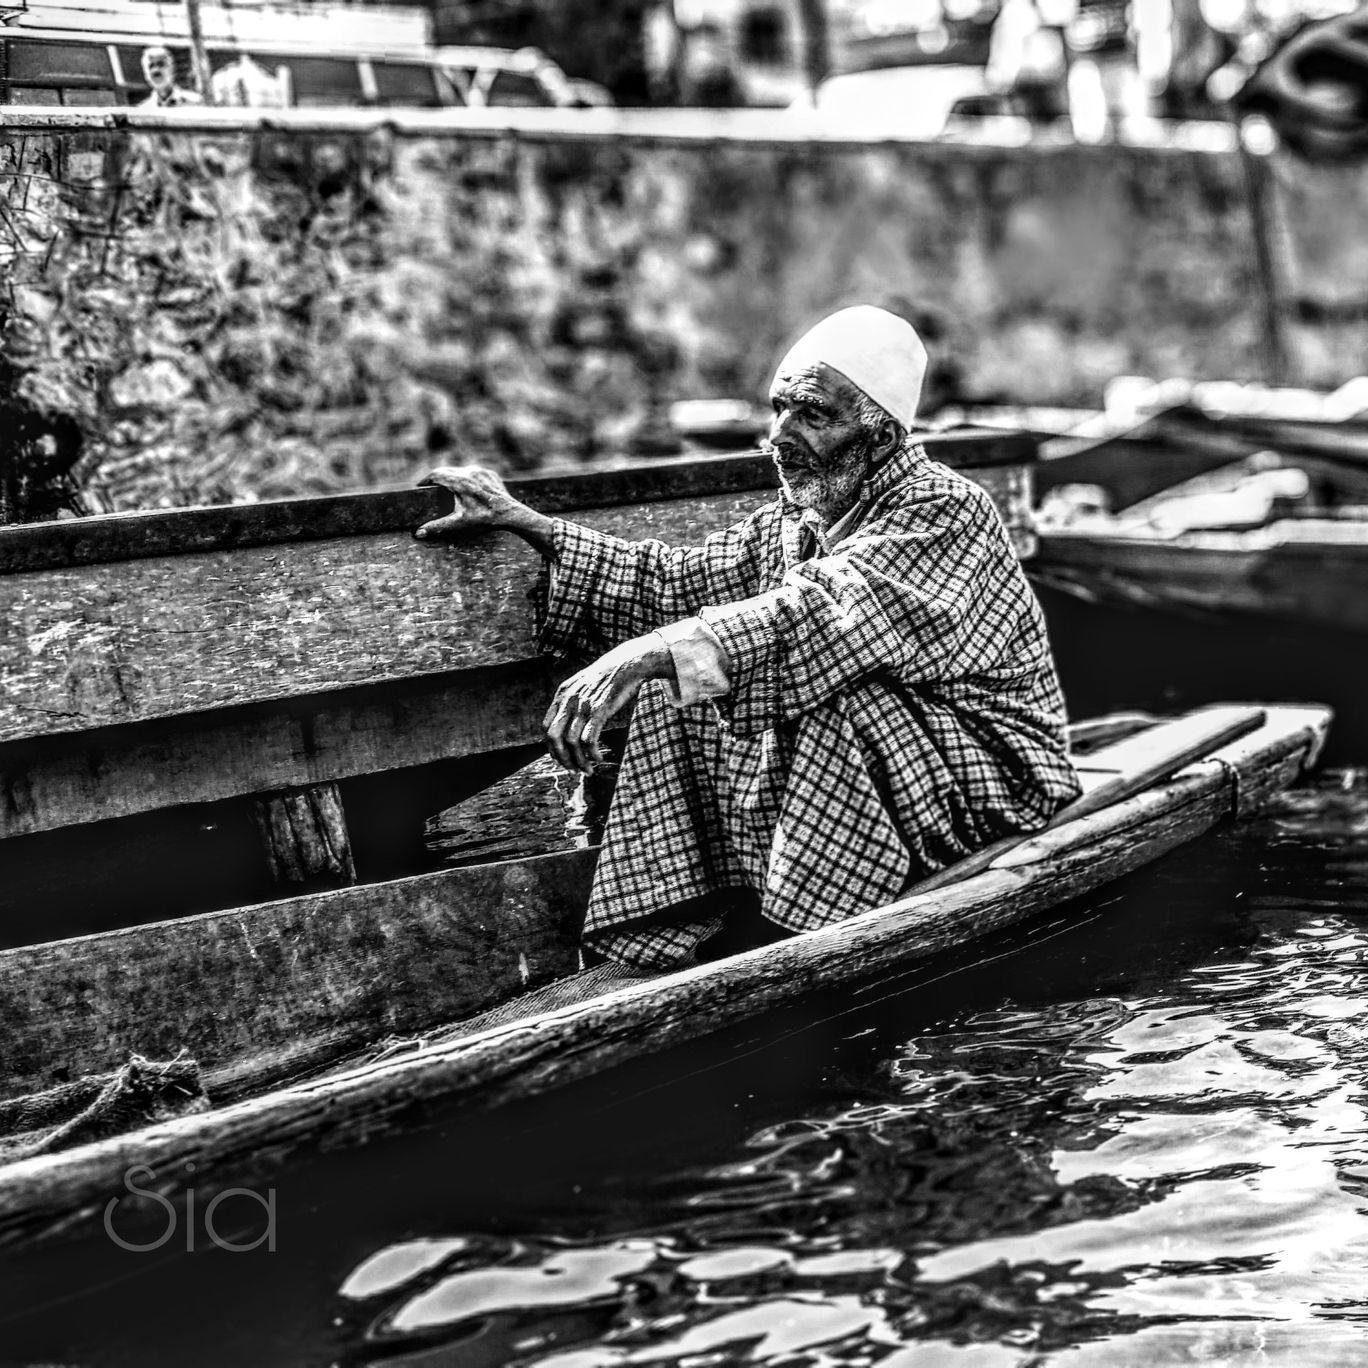 Photo of Dal Lake By Mansi Bhat